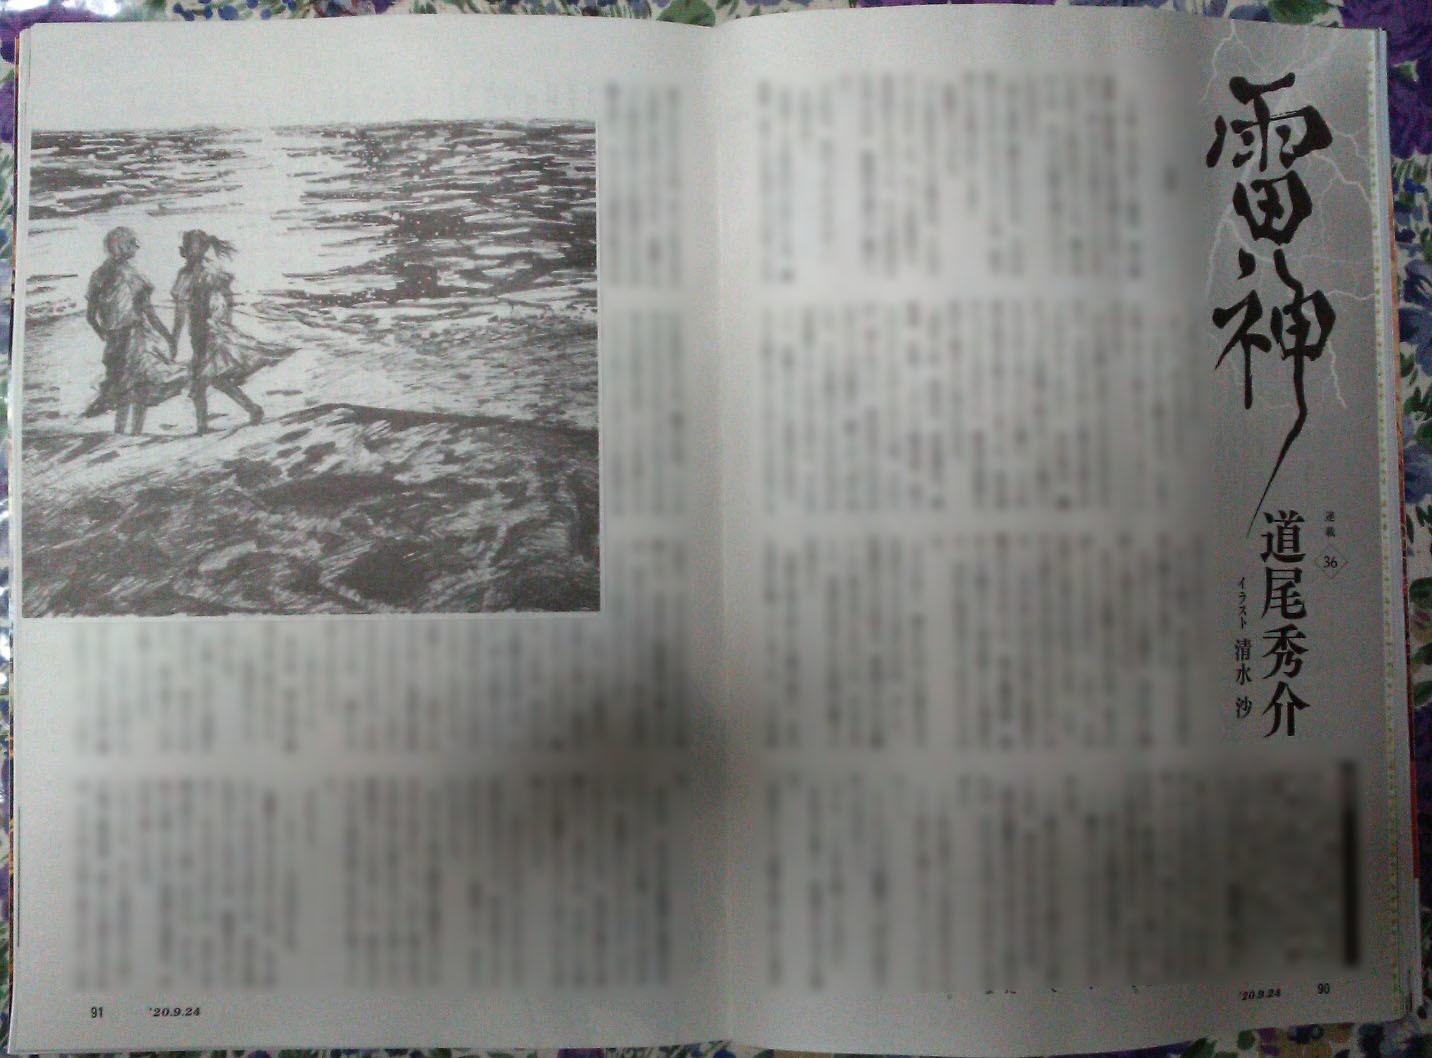 週刊新潮「雷神」挿絵 第36回〜最終回_b0136144_05354283.jpg